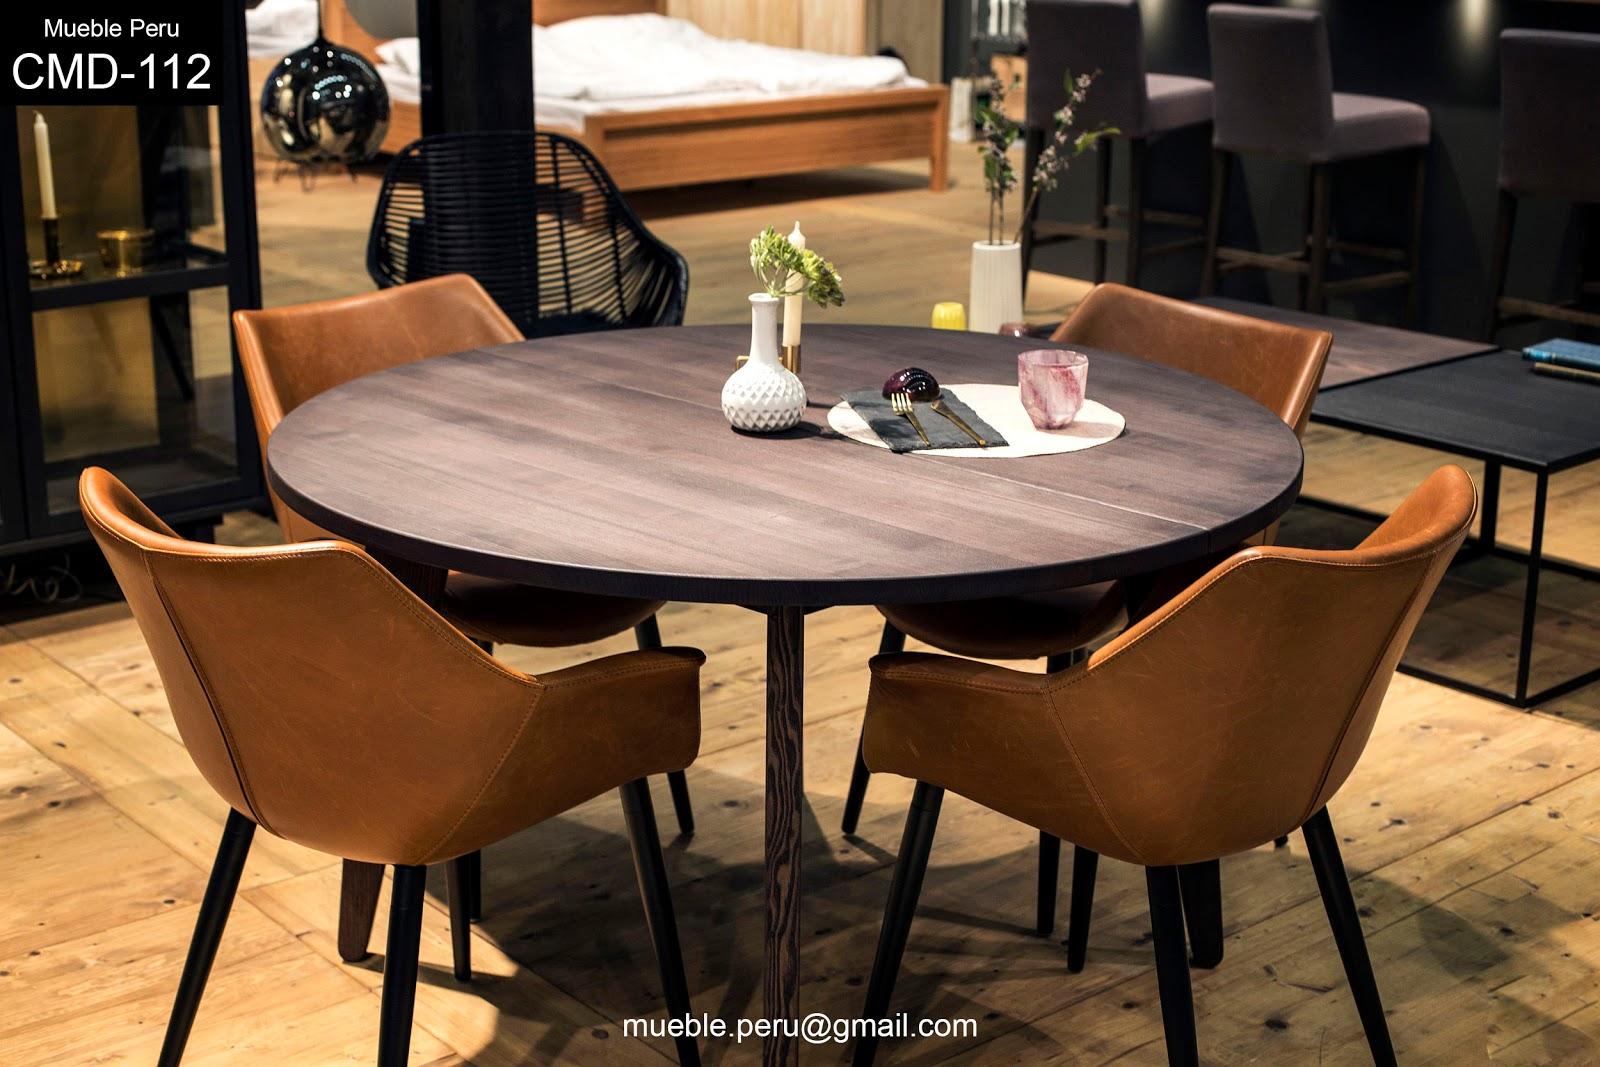 Muebles de sala un elegante comedor ideal para tu hogar - Muebles sala comedor ...